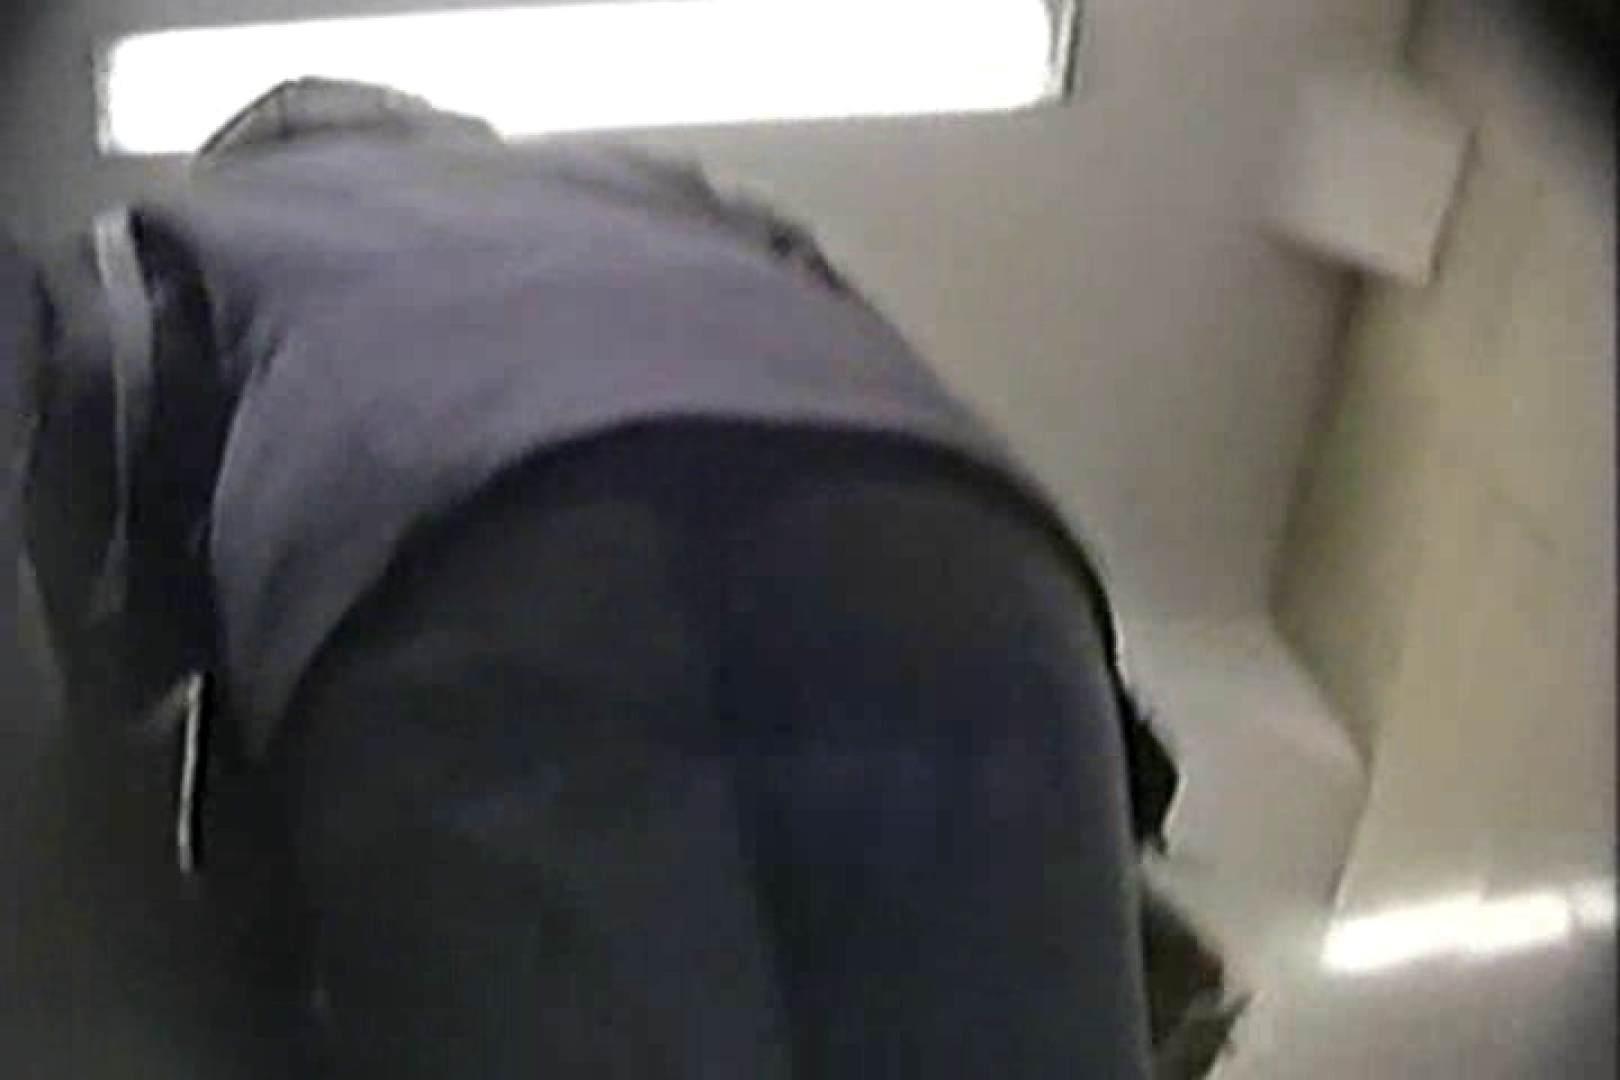 投稿盗撮 女子の下着の考察TK-043 ギャルヌード スケベ動画紹介 57画像 28